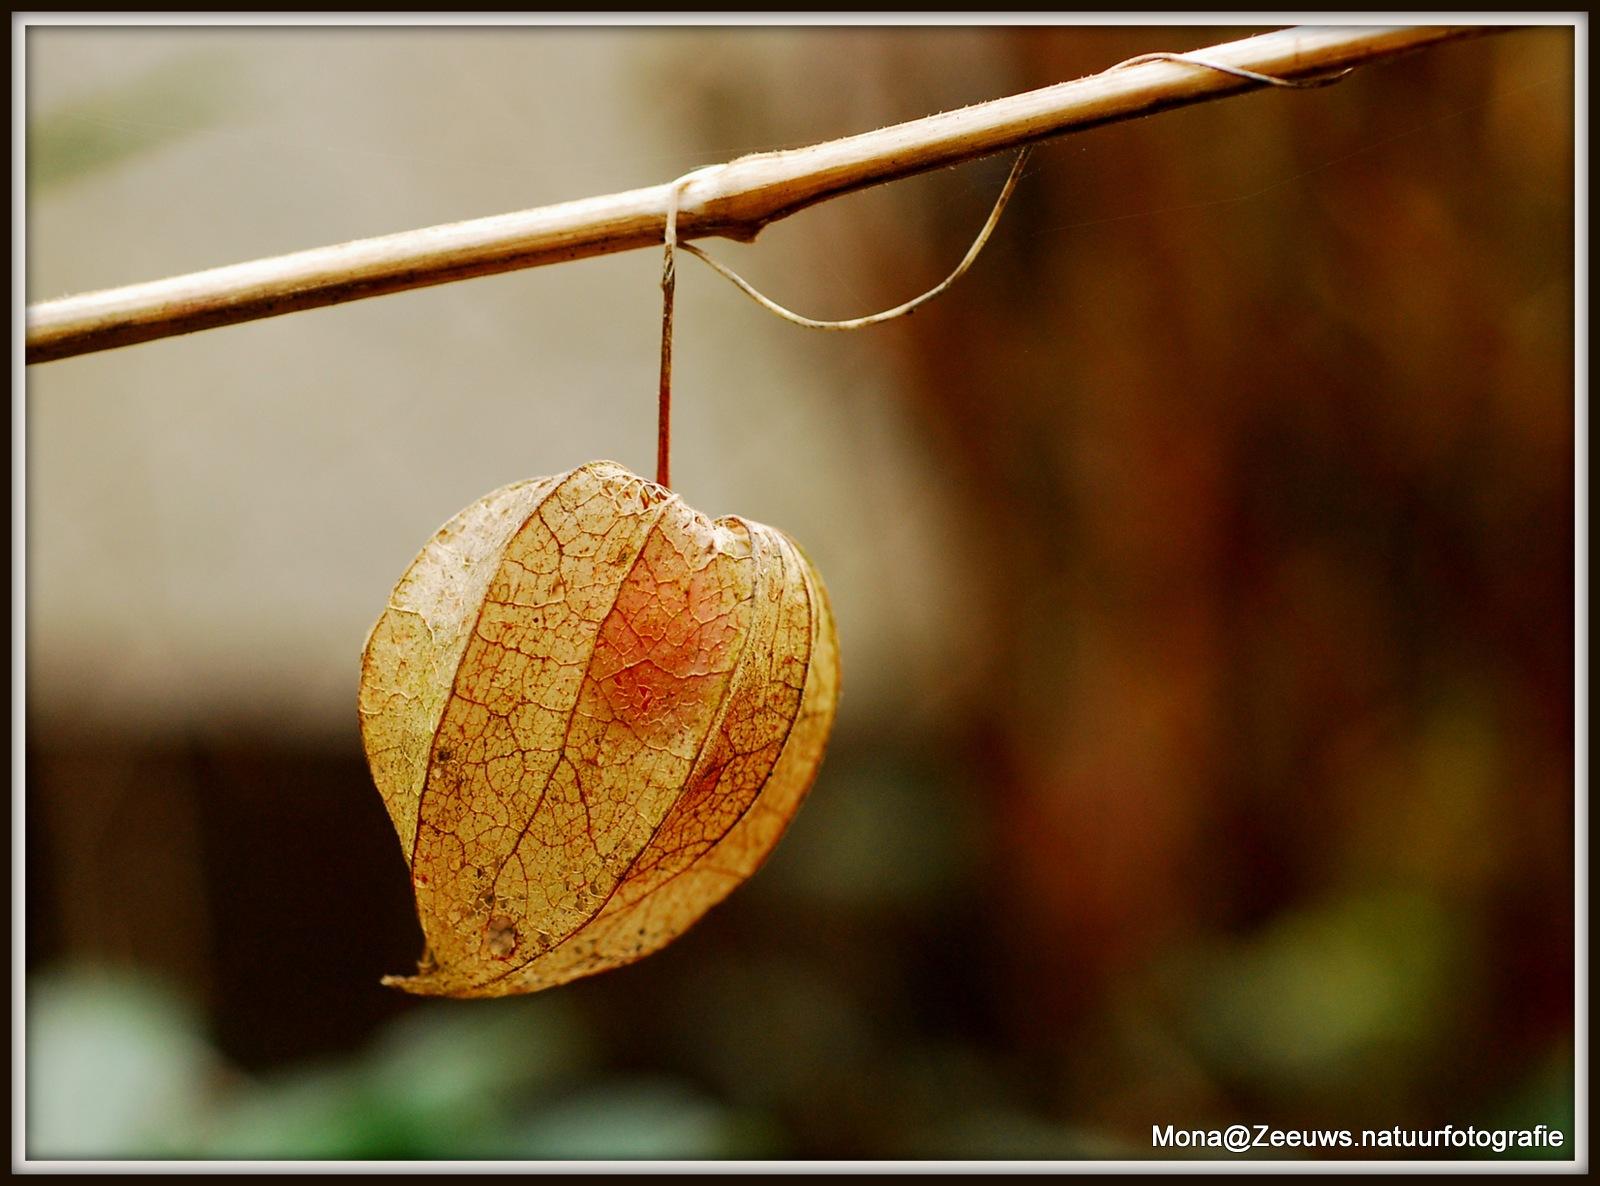 Leaf of a tree by Simone Zeeuws